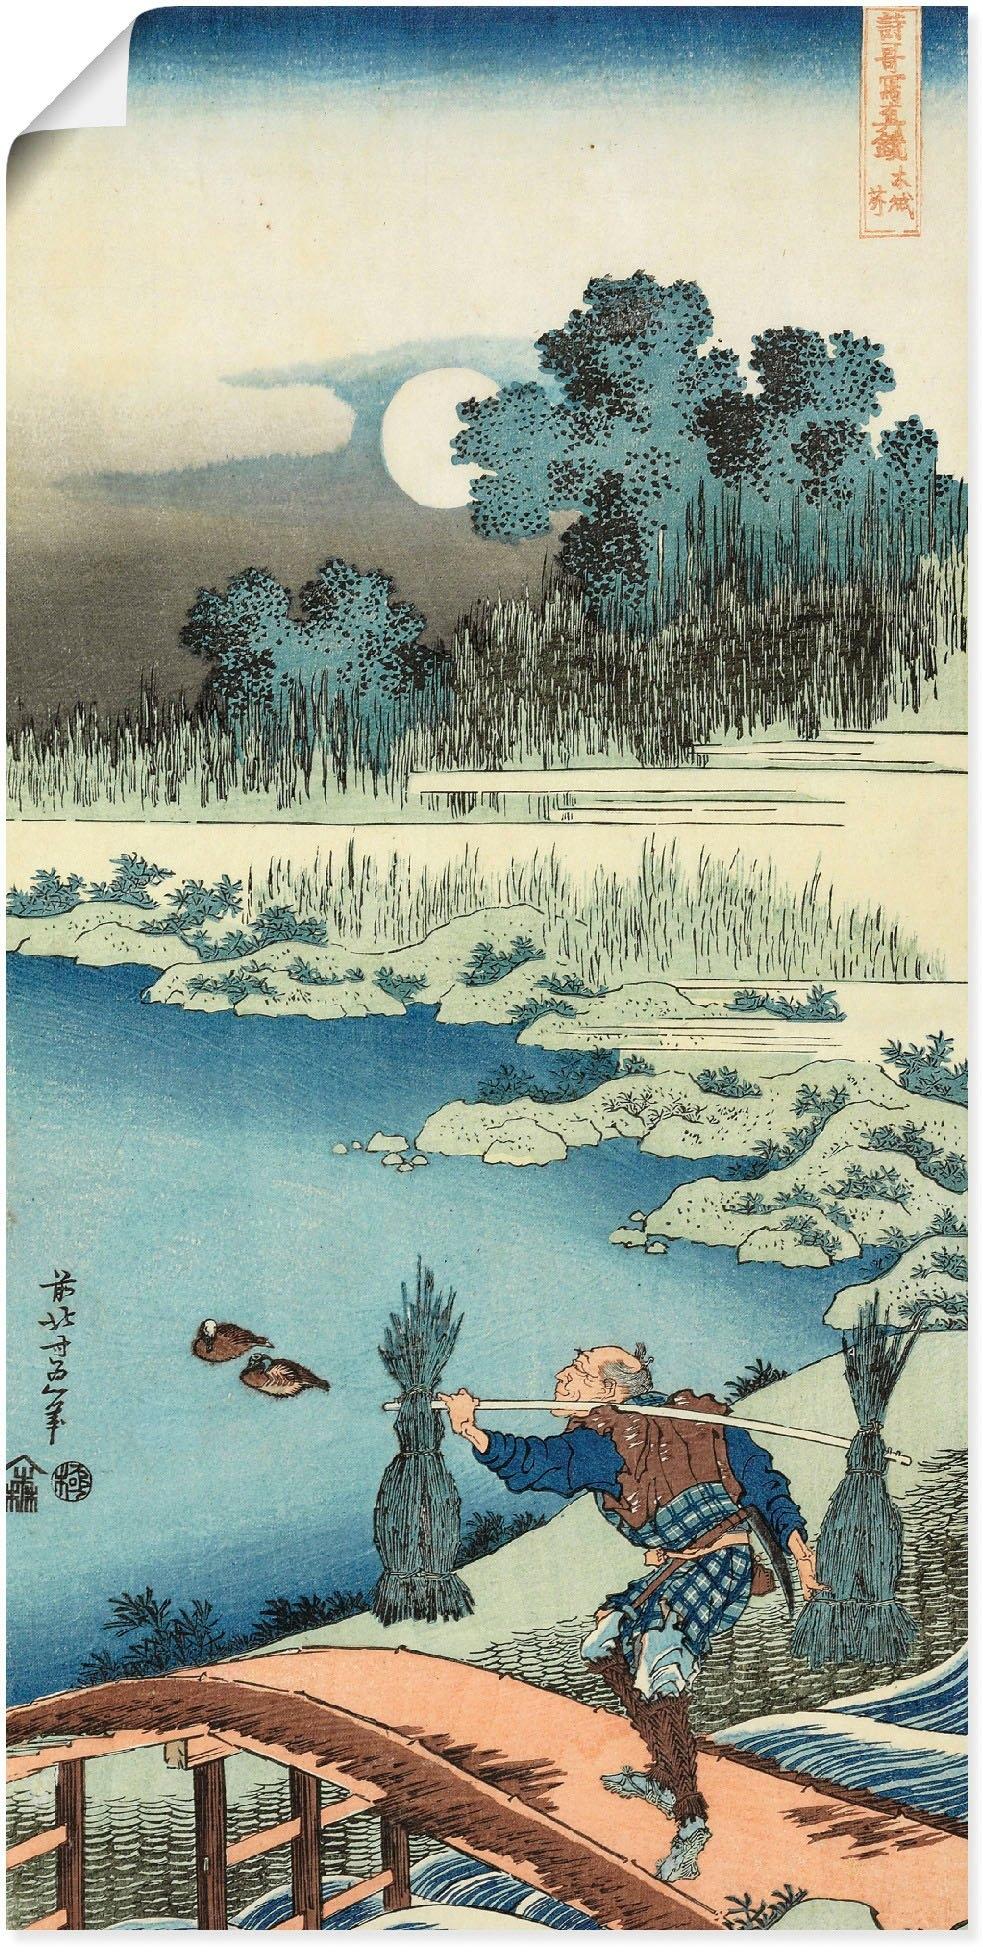 Artland artprint Tokusagari (rijstdrager) in vele afmetingen & productsoorten -artprint op linnen, poster, muursticker / wandfolie ook geschikt voor de badkamer (1 stuk) voordelig en veilig online kopen